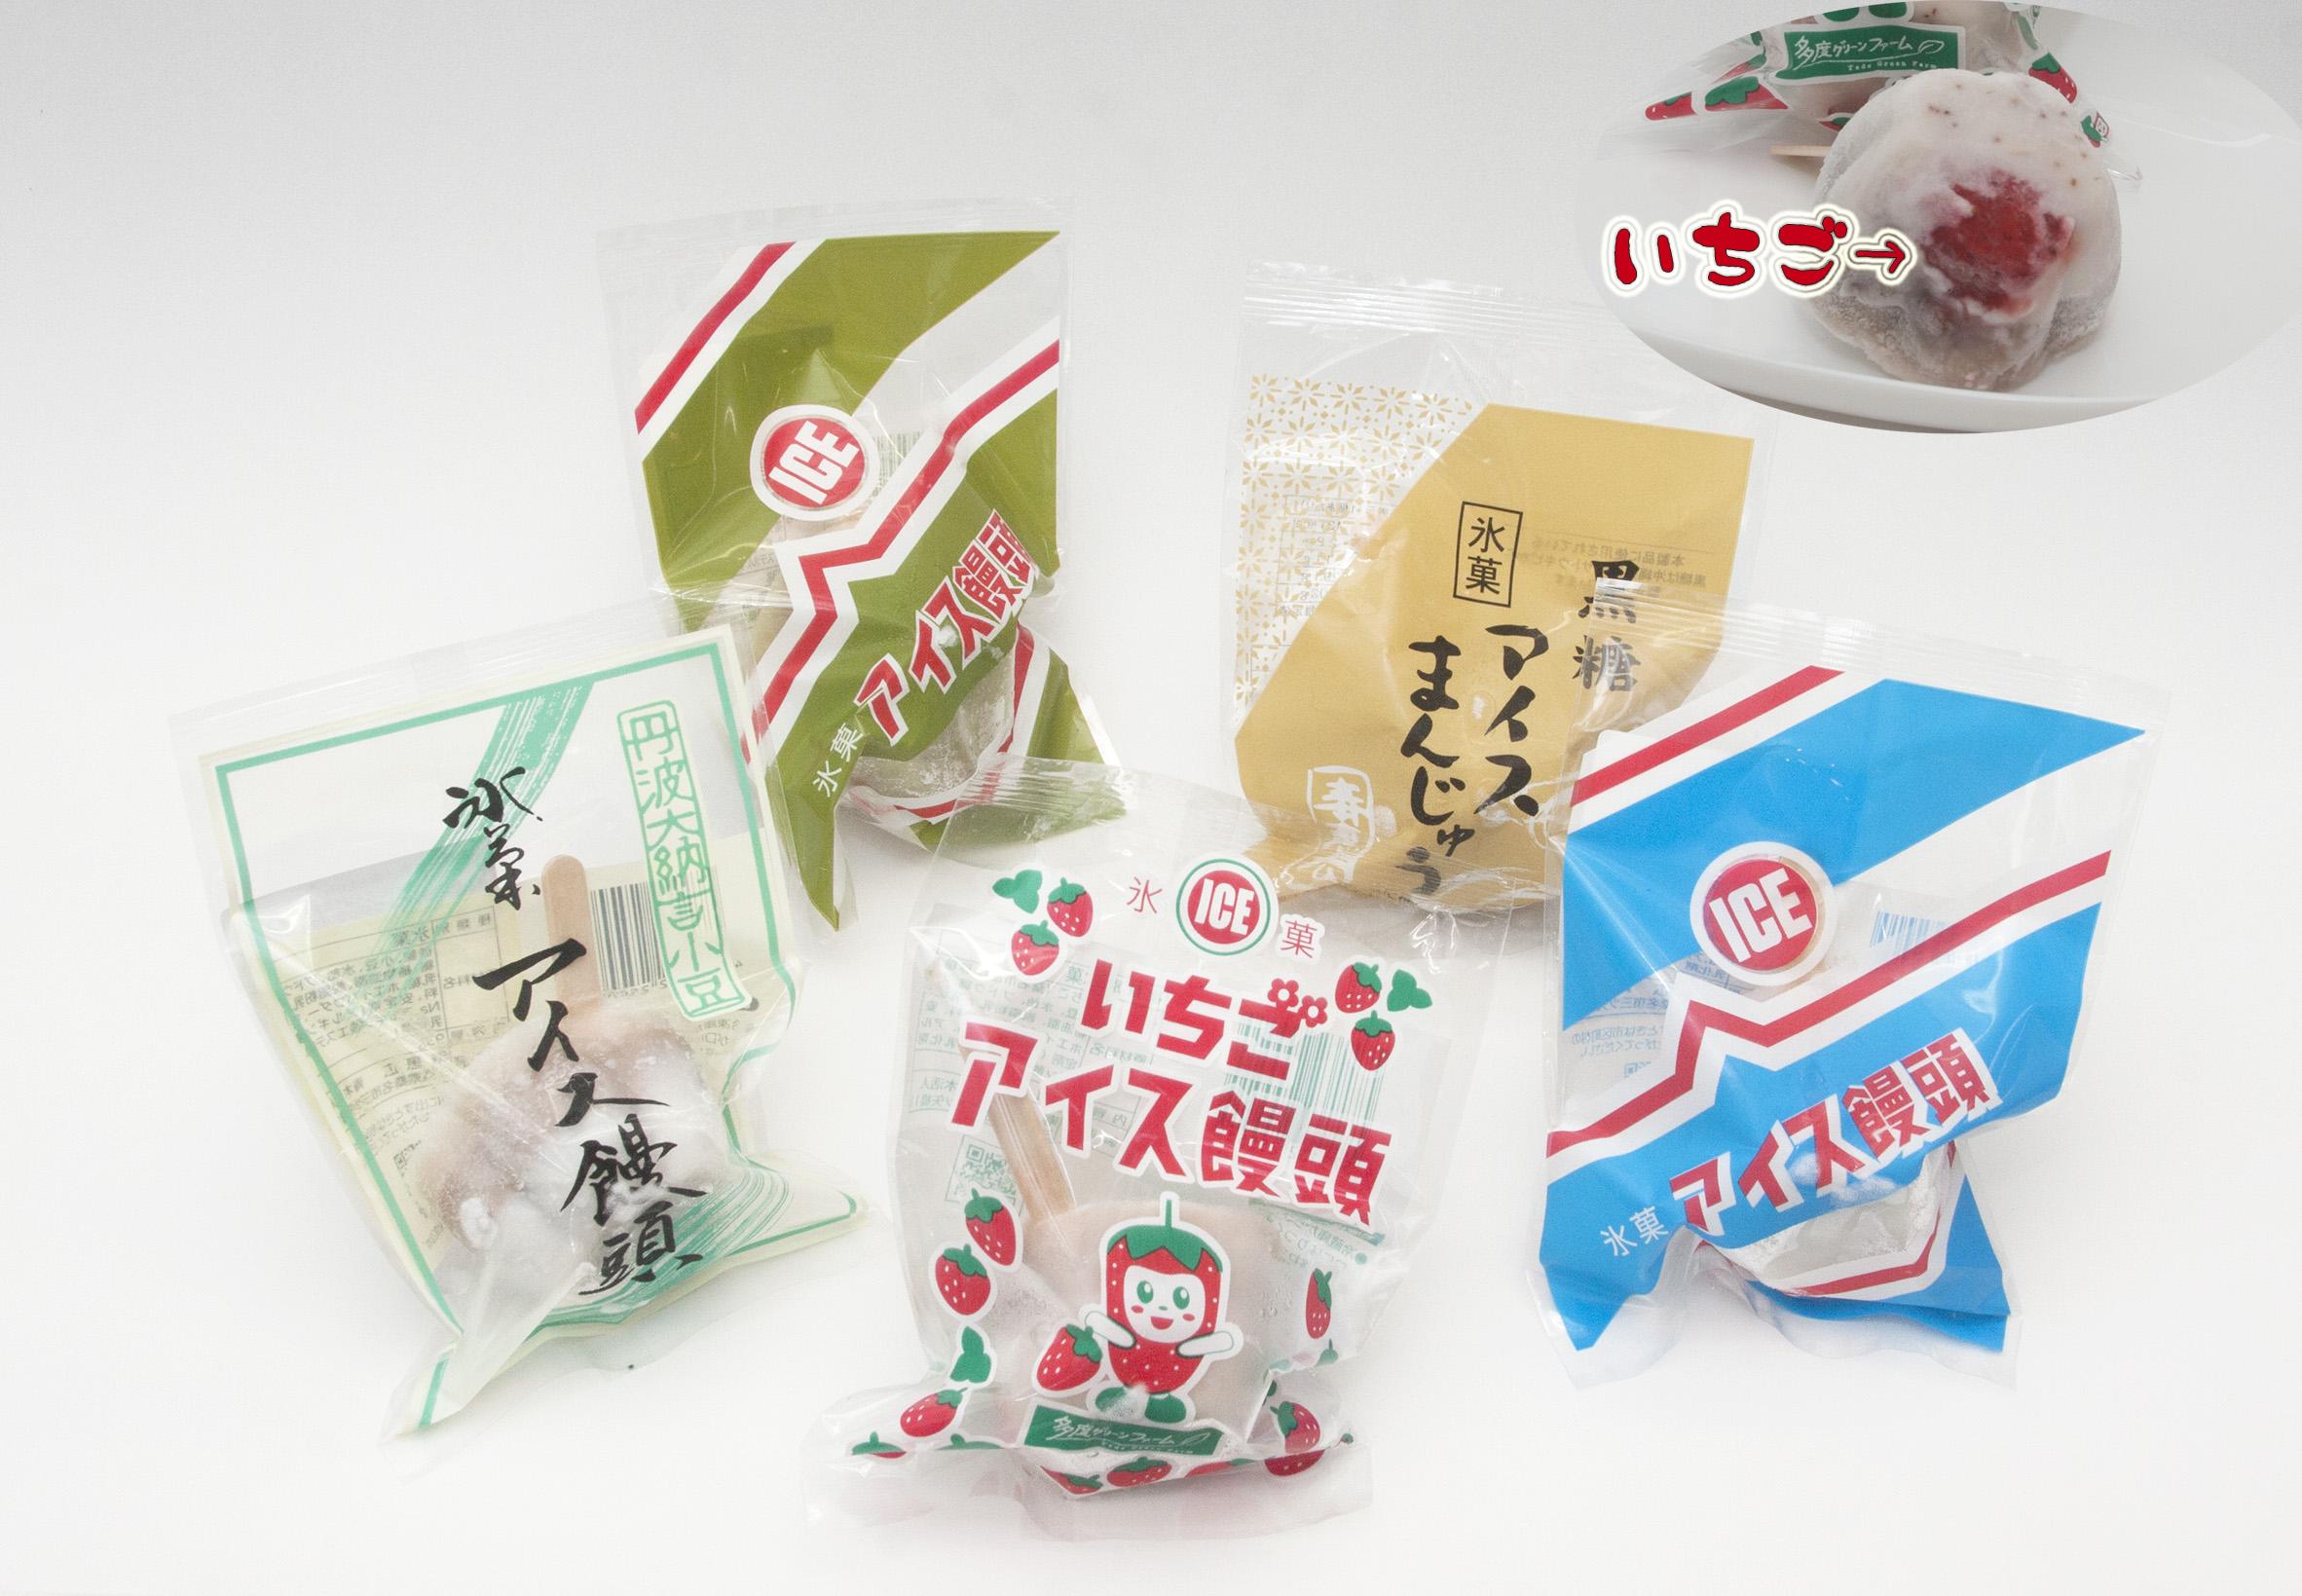 アイス饅頭詰め合わせCセット(10本)